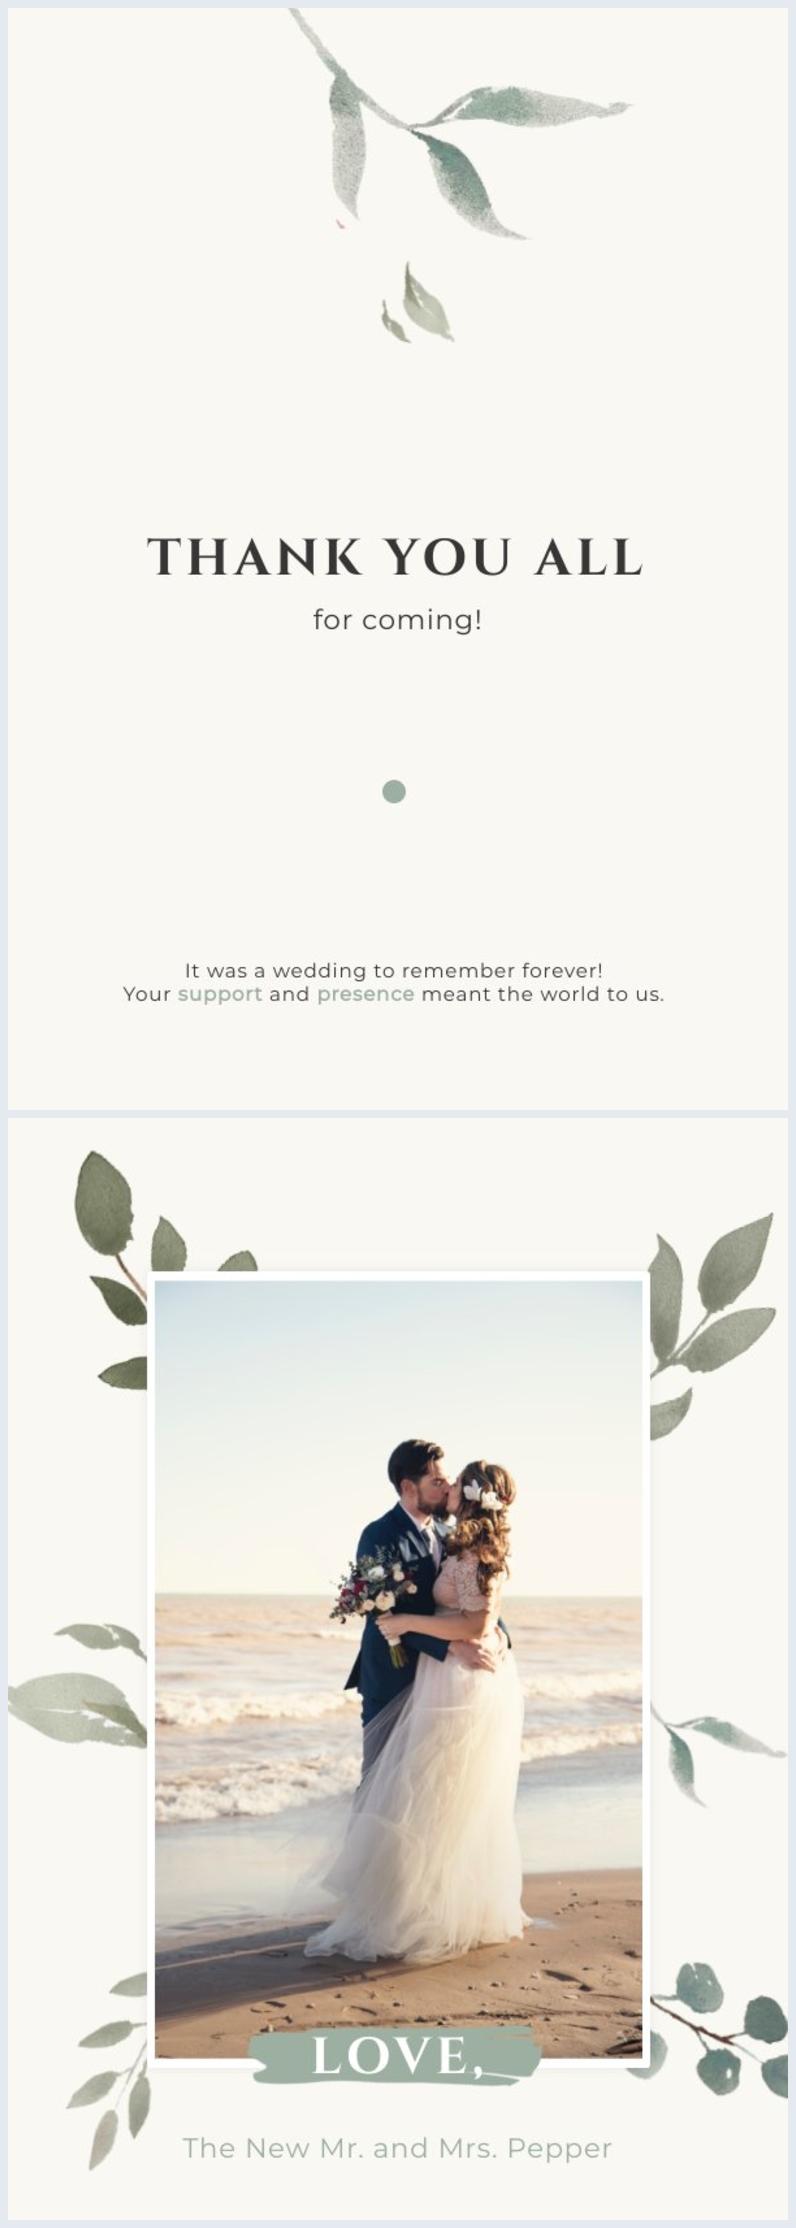 Elegant wedding thank you card design